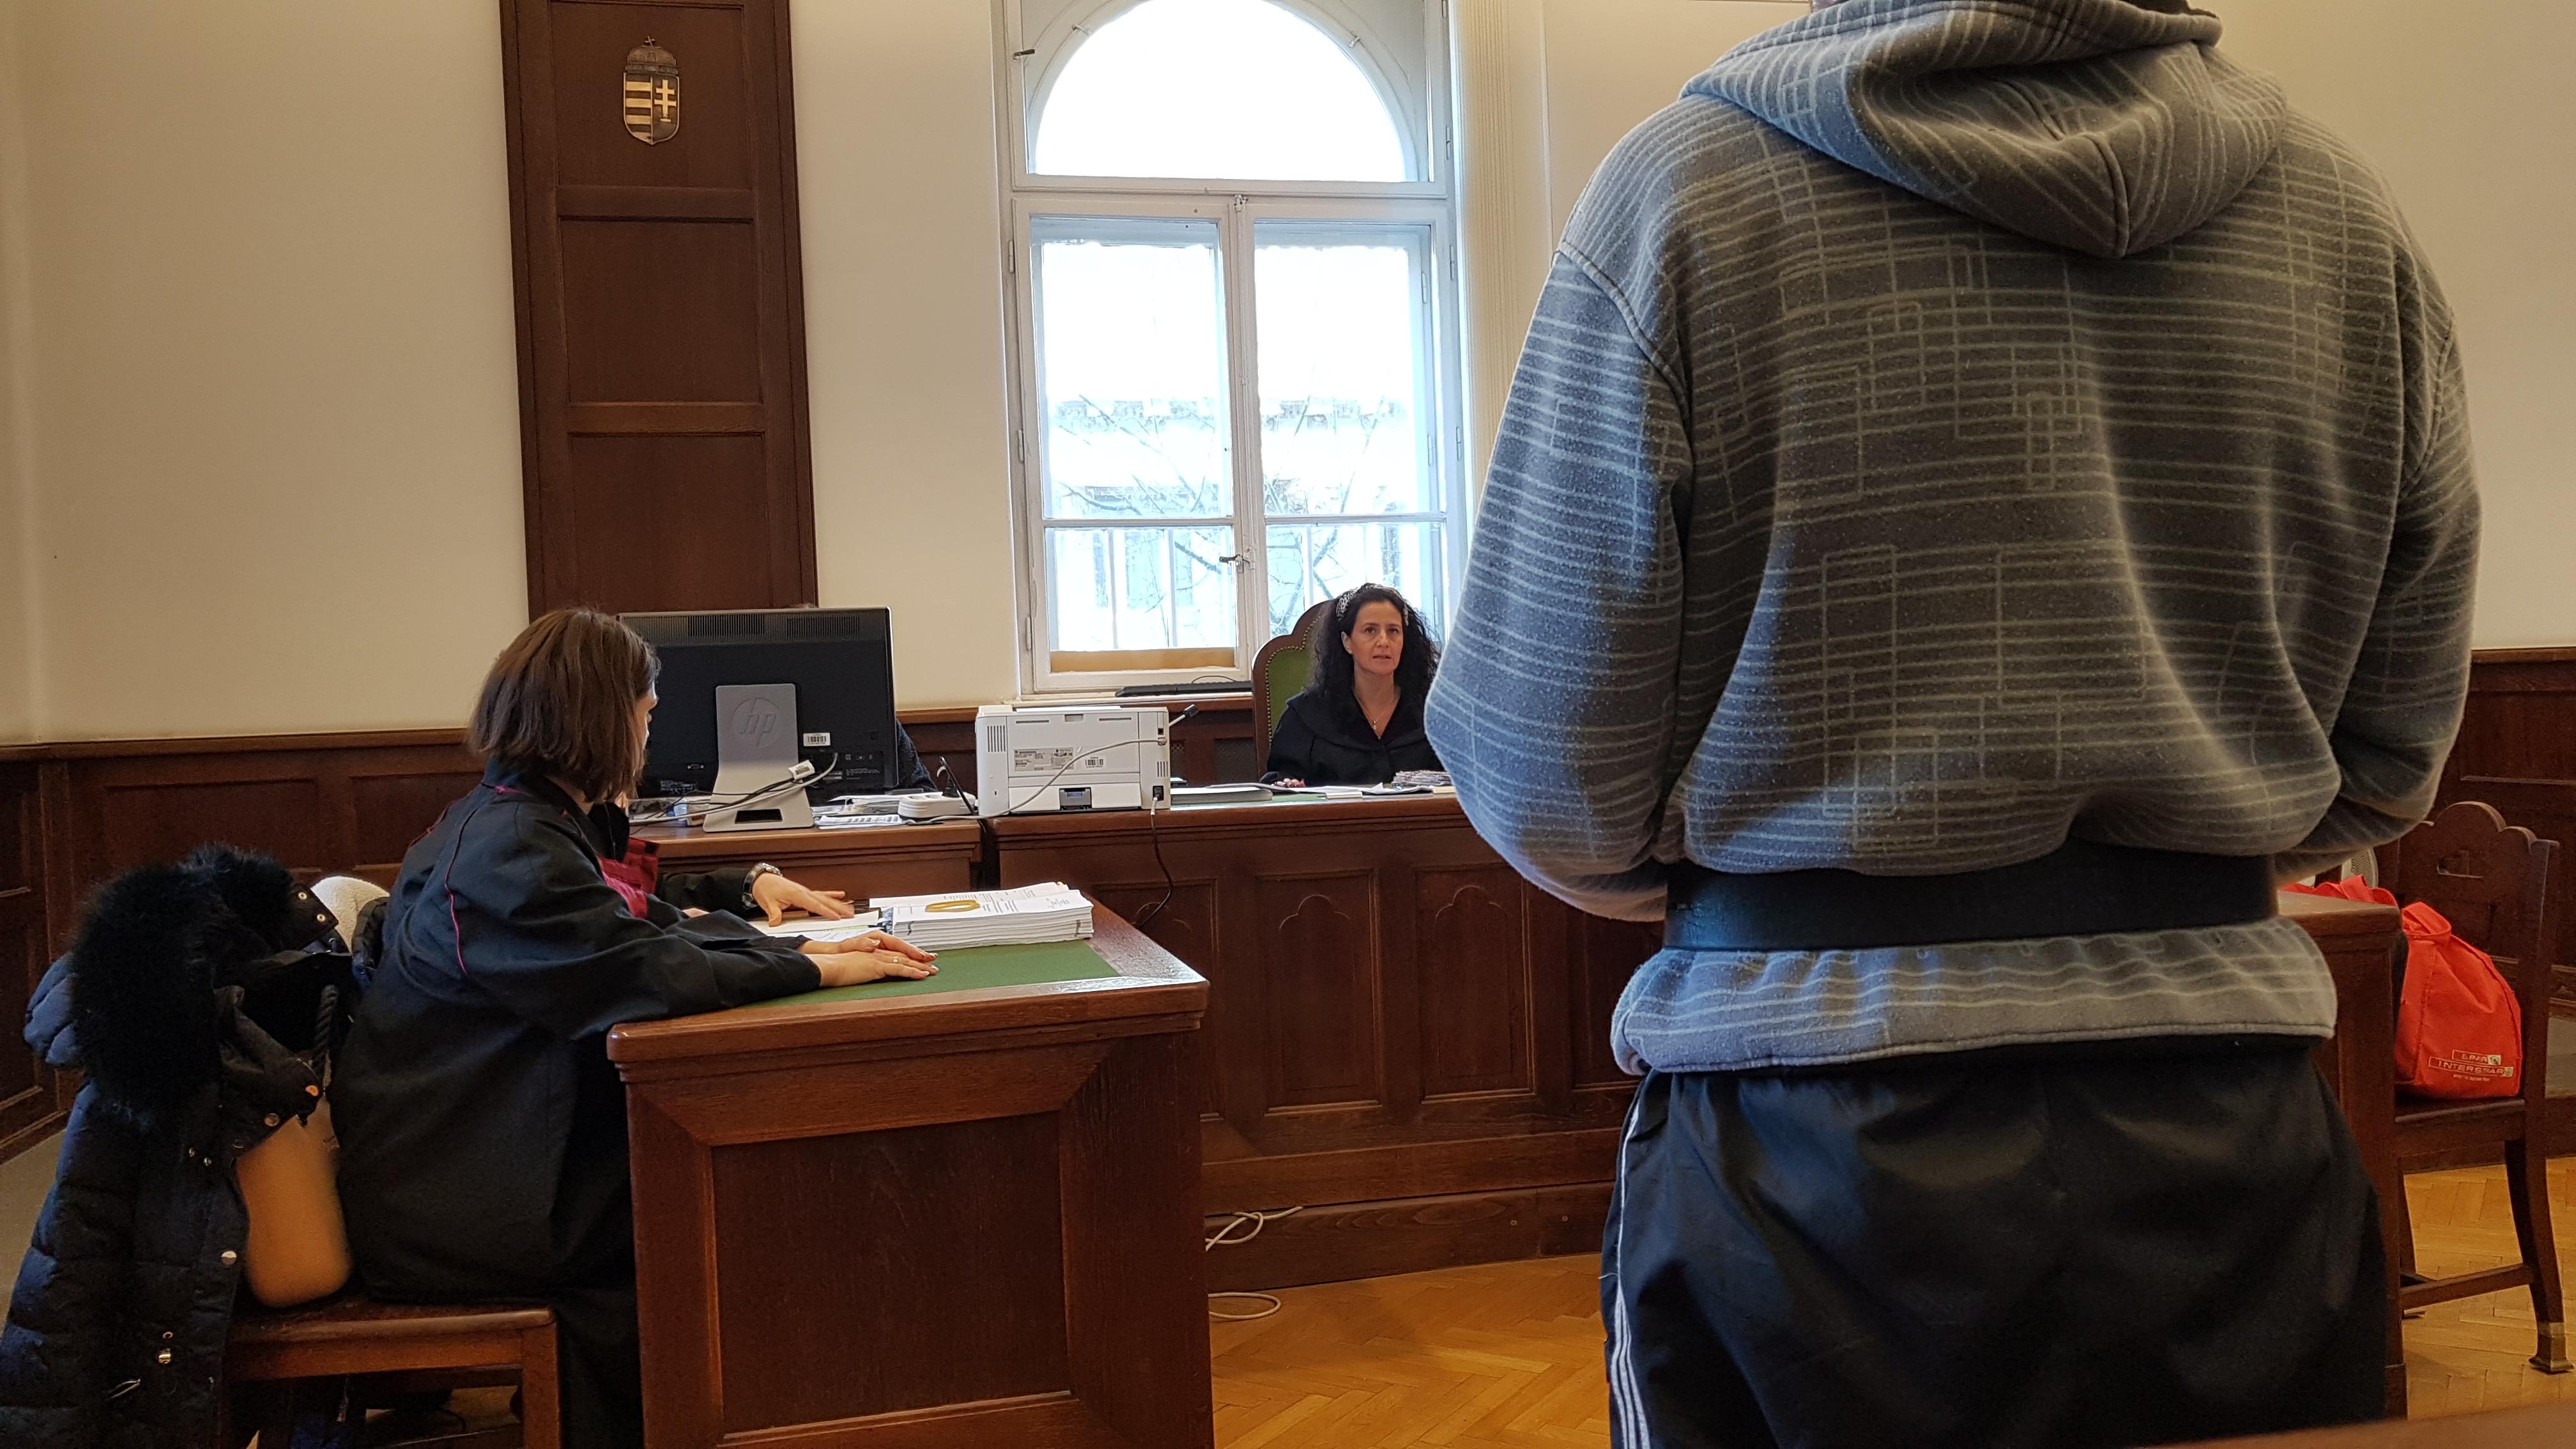 A csepeli képviselőjelölt, aki azt sem tudta, hogy elindult a választáson